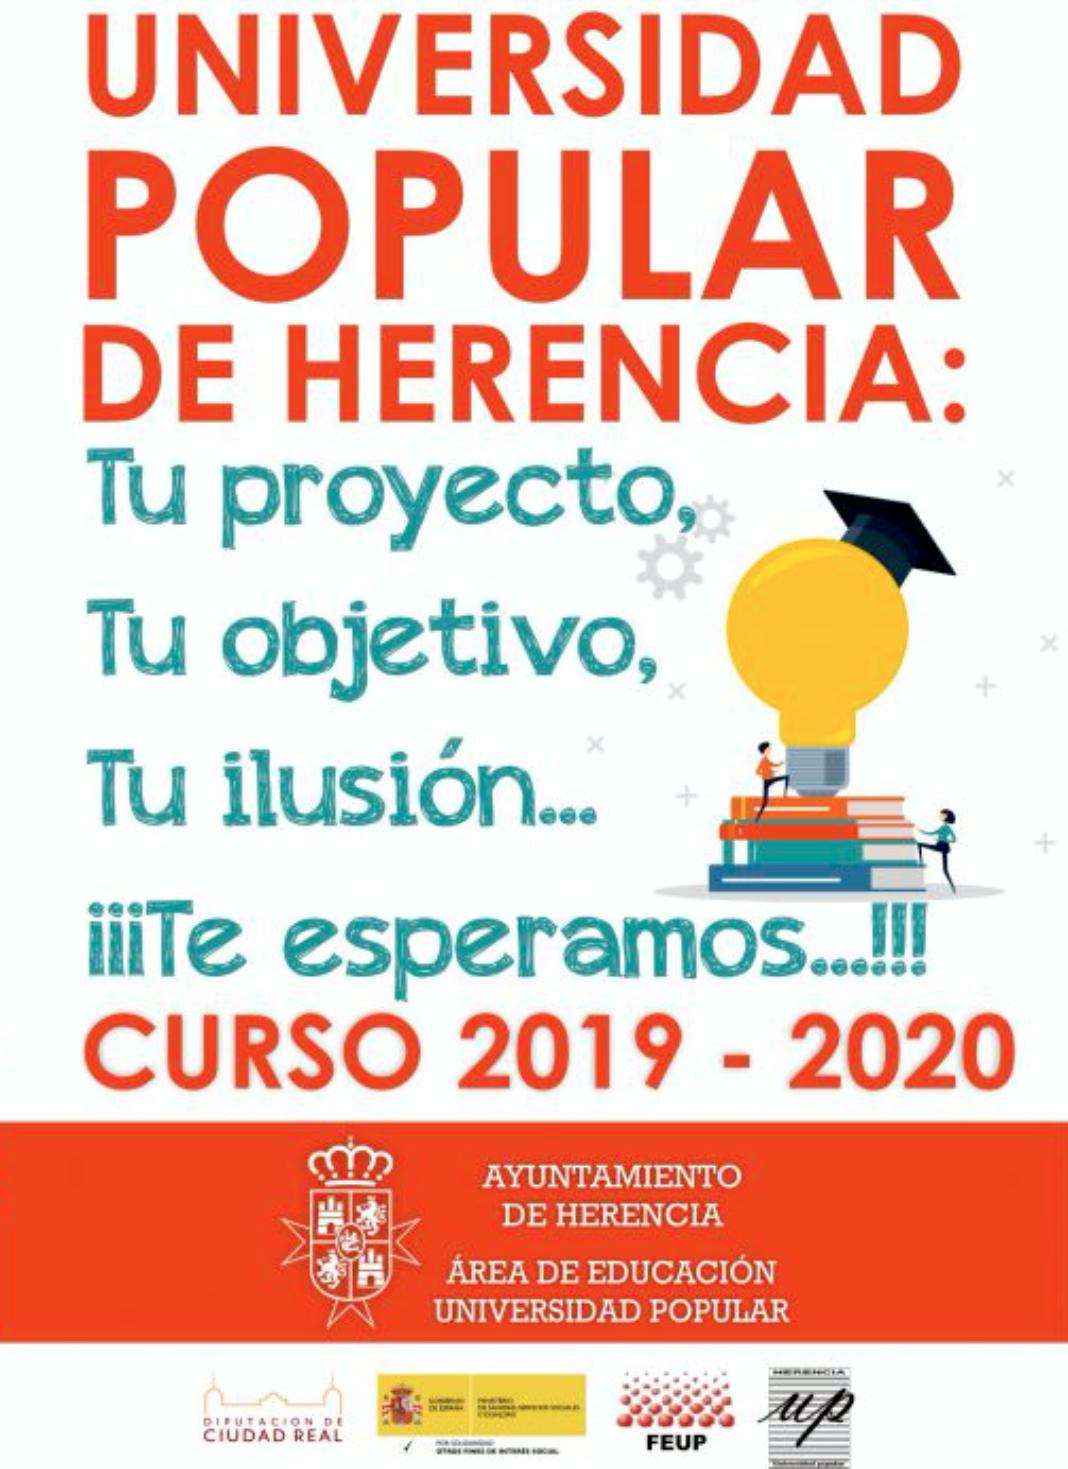 Universidad Popular de Herencia 1068x1469 - La Universidad Popular Herencia decenas de cursos, talleres y actividades